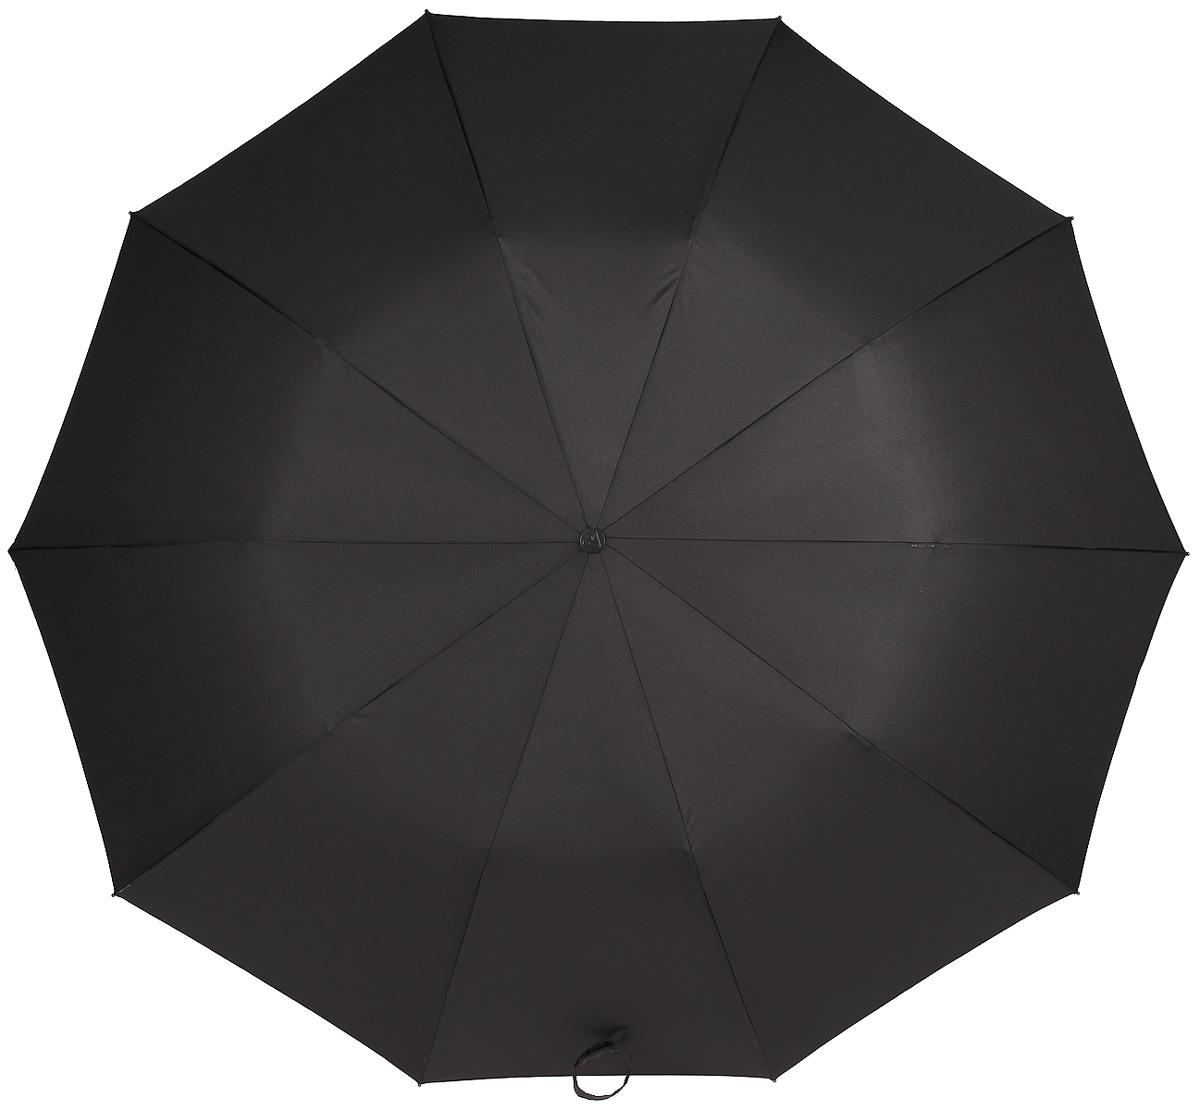 Зонт мужской Fulton, полуавтомат, 2 сложения, цвет: черный. G512G512Стильный мужской зонт Fulton купол зонта изготовлен из полиэстера с водоотталкивающей пропиткой, каркас изготовлен из стали. Чехол изделия оформлен металлической фурнитурой с символикой бренда. Зонт оснащен полуавтоматическим механизмом в два сложения, системой антиветер. Закрытый купол застегивается хлястиком на липучку. Практичная рукоятка закругленной формы разработана с учетом требований эргономики и выполнена из дерева. Изделие дополнено чехлом. Стильный зонт Fulton не только надежно защитит от дождя, но и станет стильным аксессуаром.